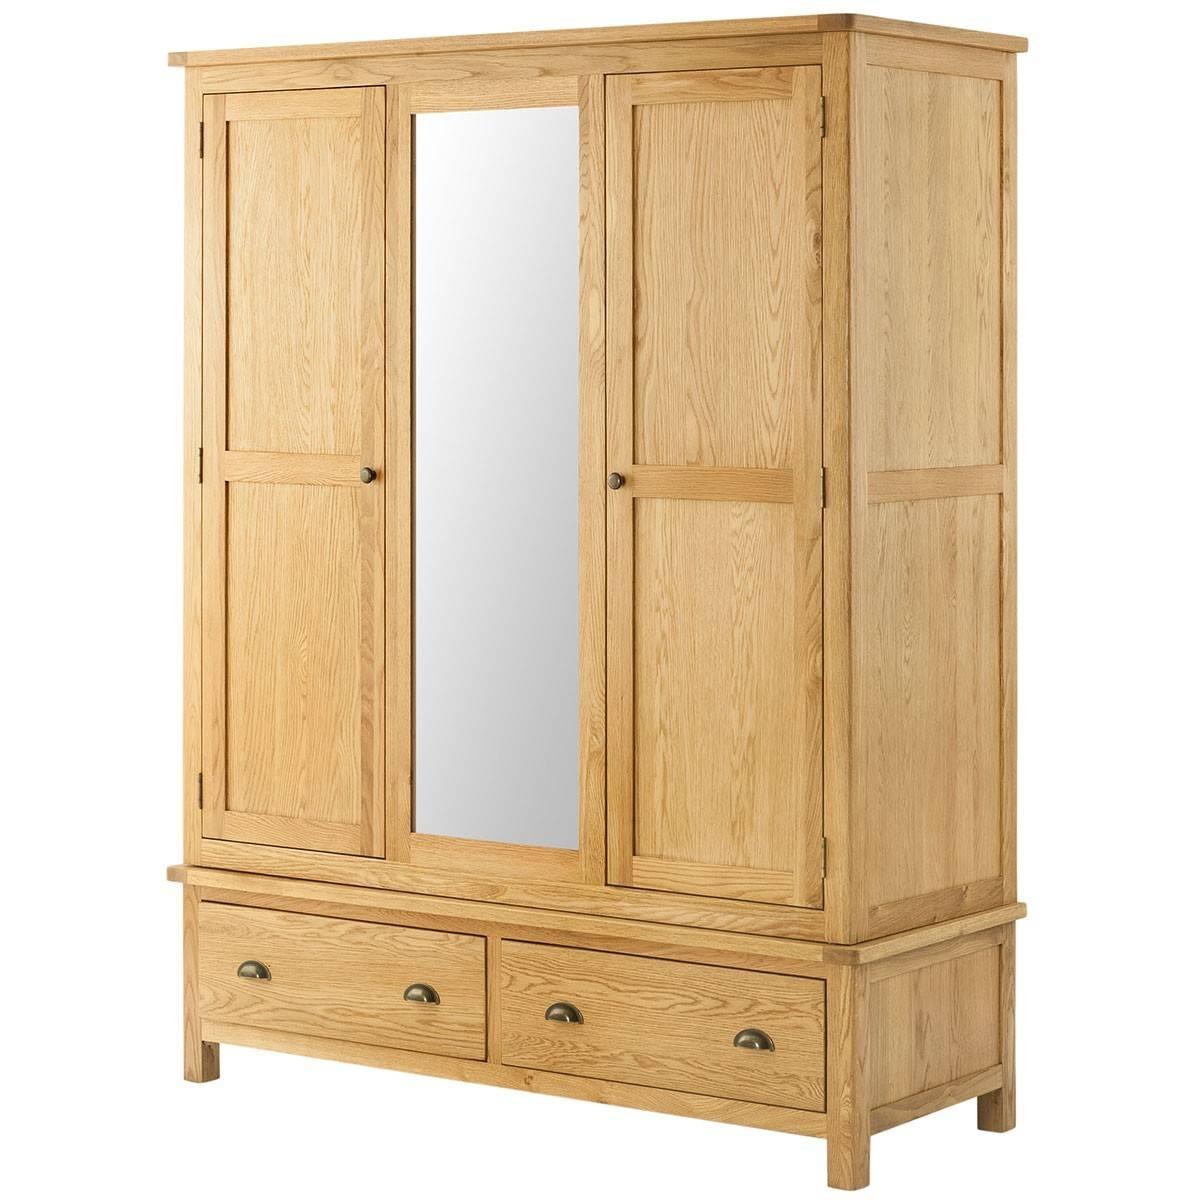 Hutch® - Portsmouth Oak Triple Wardrobe With Mirror throughout Triple Wardrobes With Mirror (Image 6 of 15)